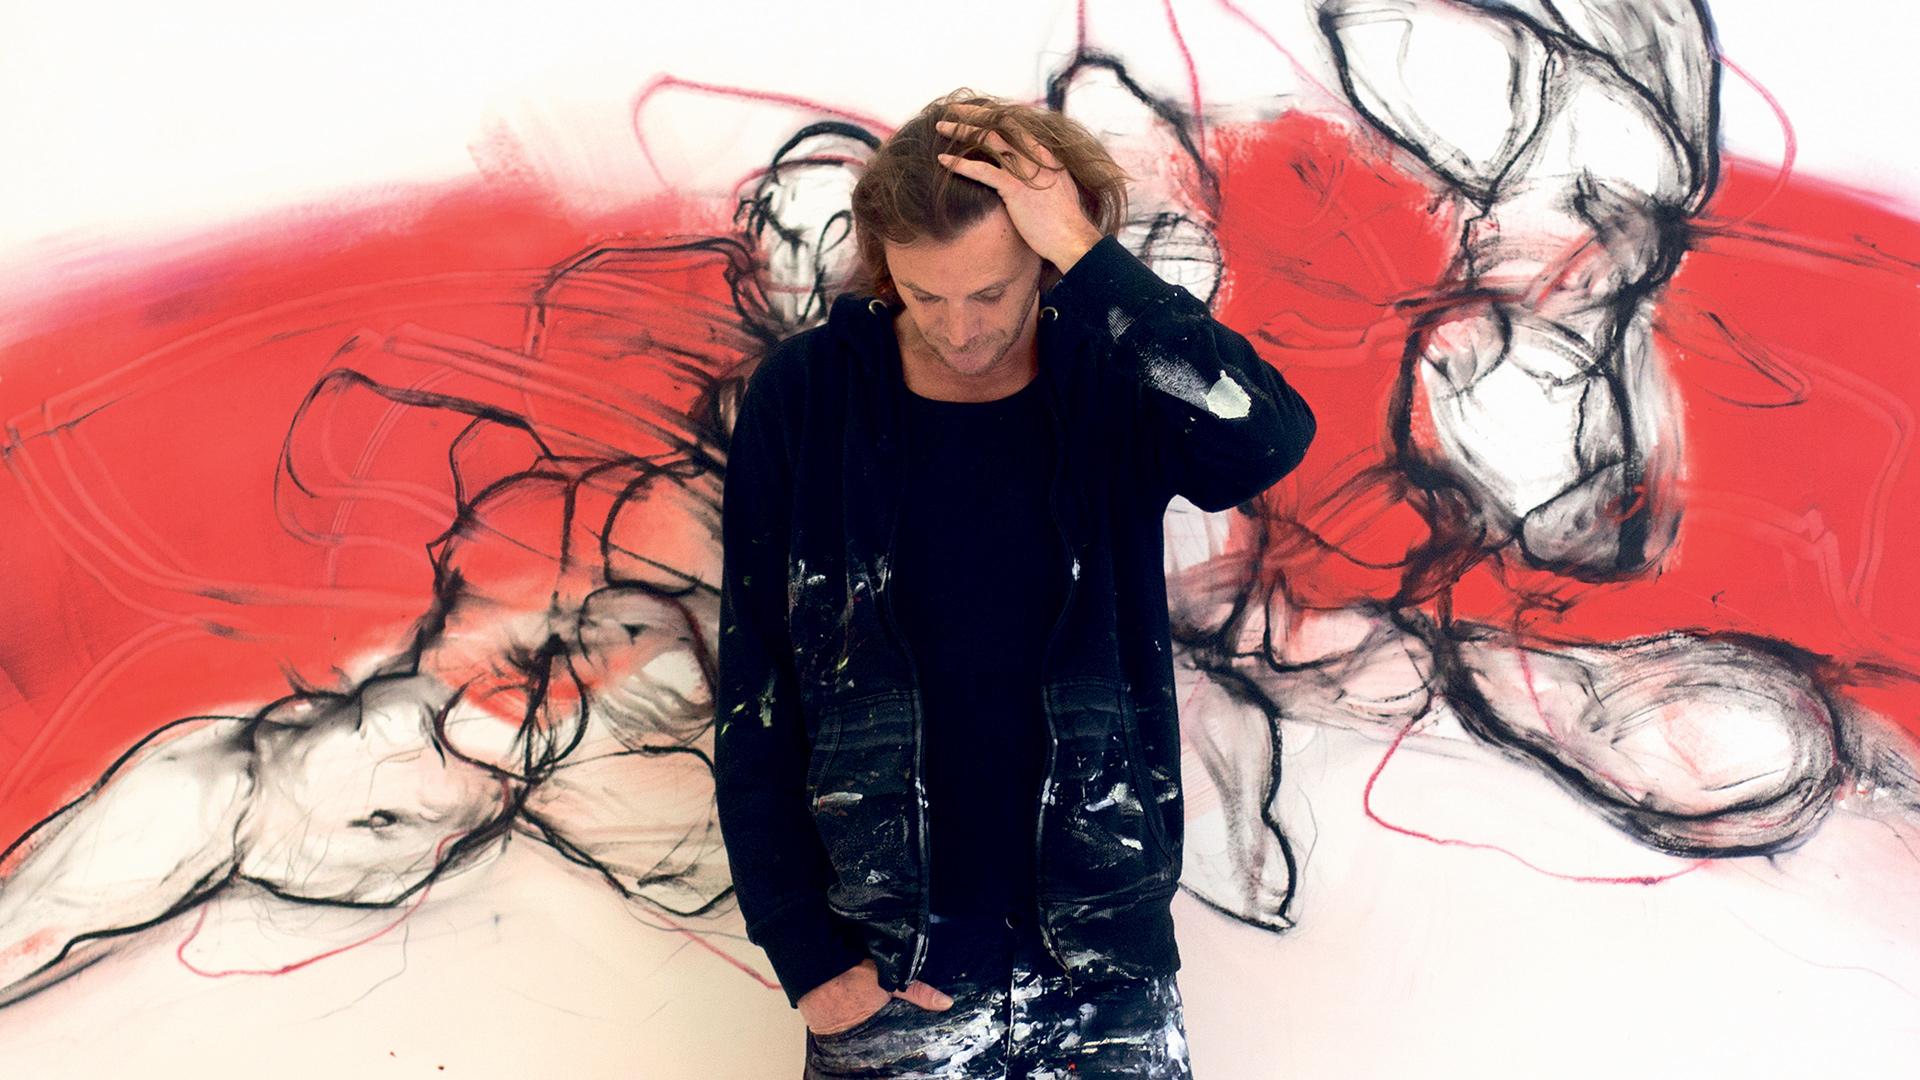 Mann neigt sich nach vorne, dahiner sein Kunstwerk - ein Bild in rot, schwarz und weiß